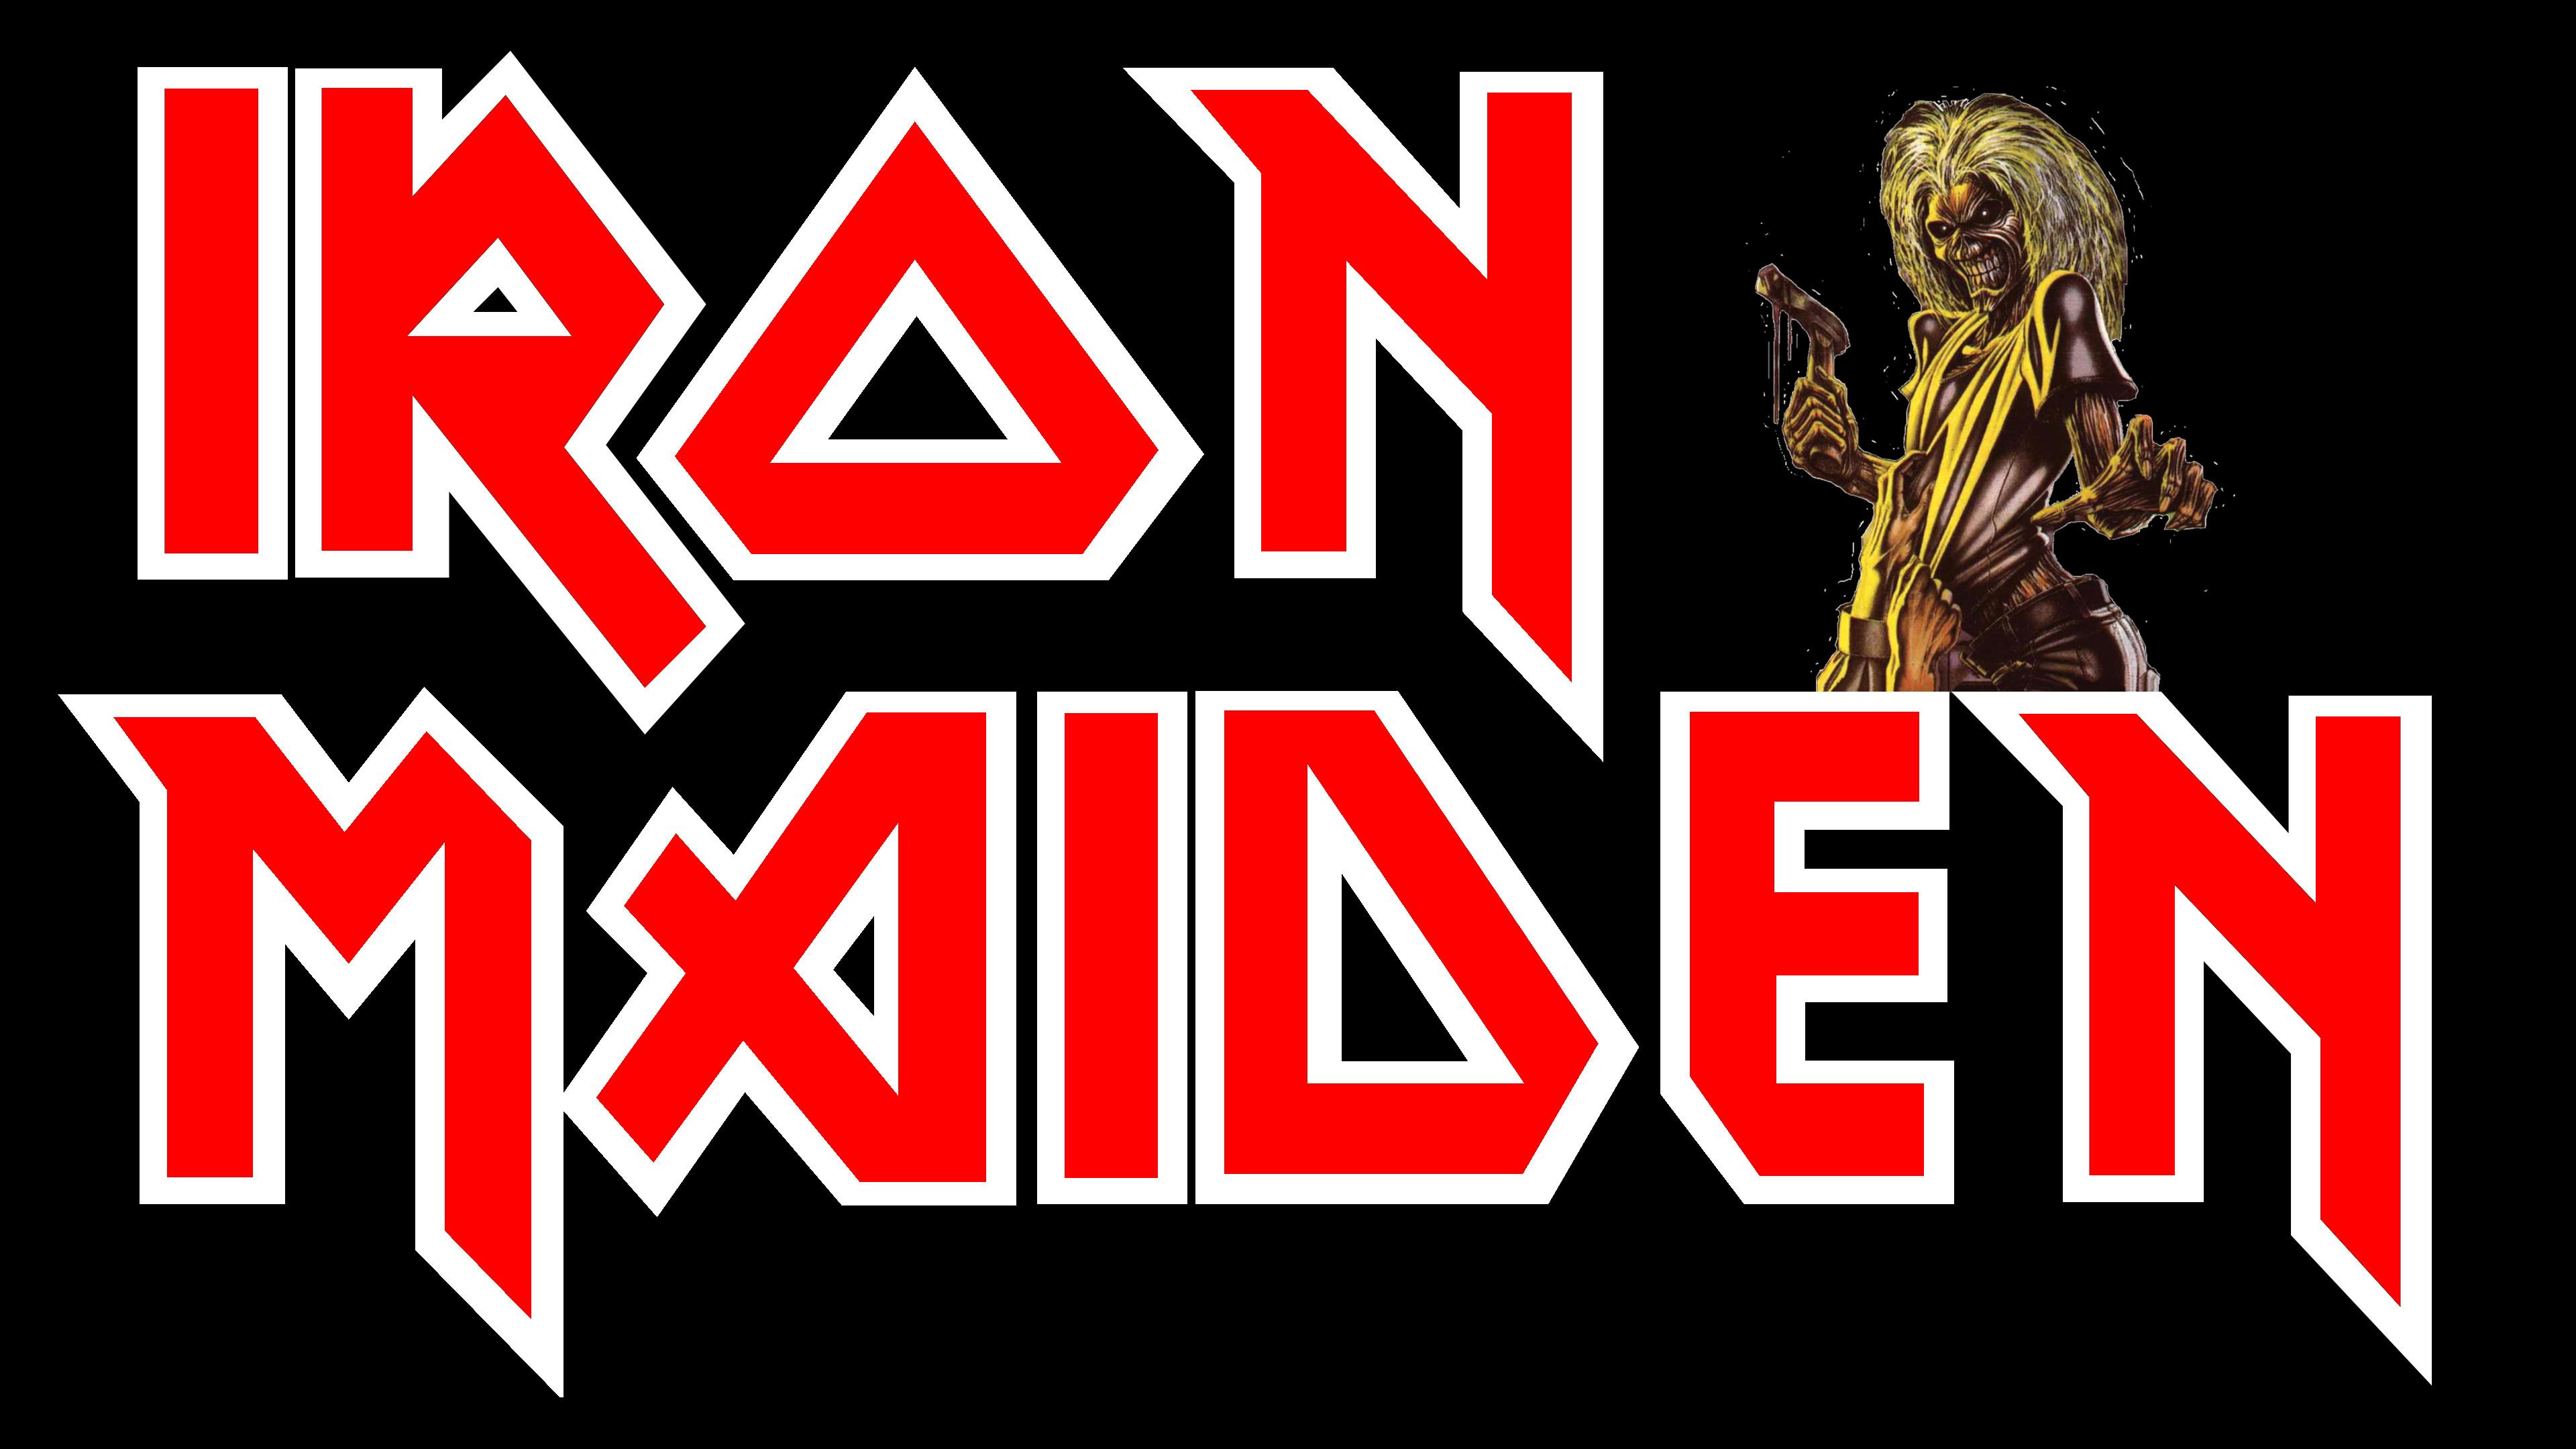 Iron Maiden Eddie Stark 4k Ultra HD Wallpaper And Background